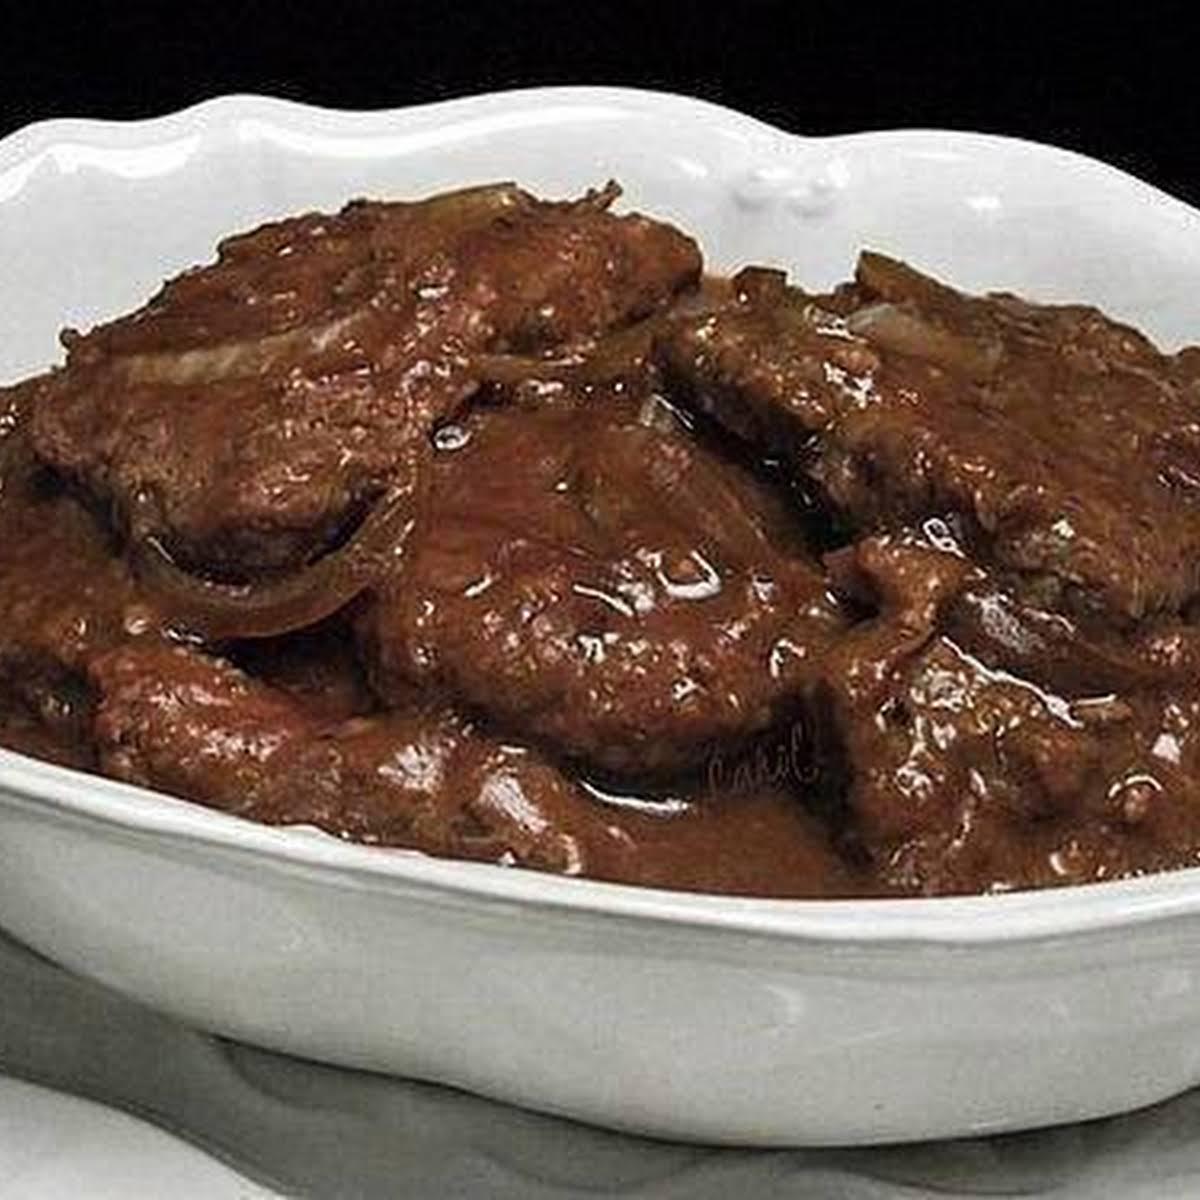 Cube Steak Slow Cooker